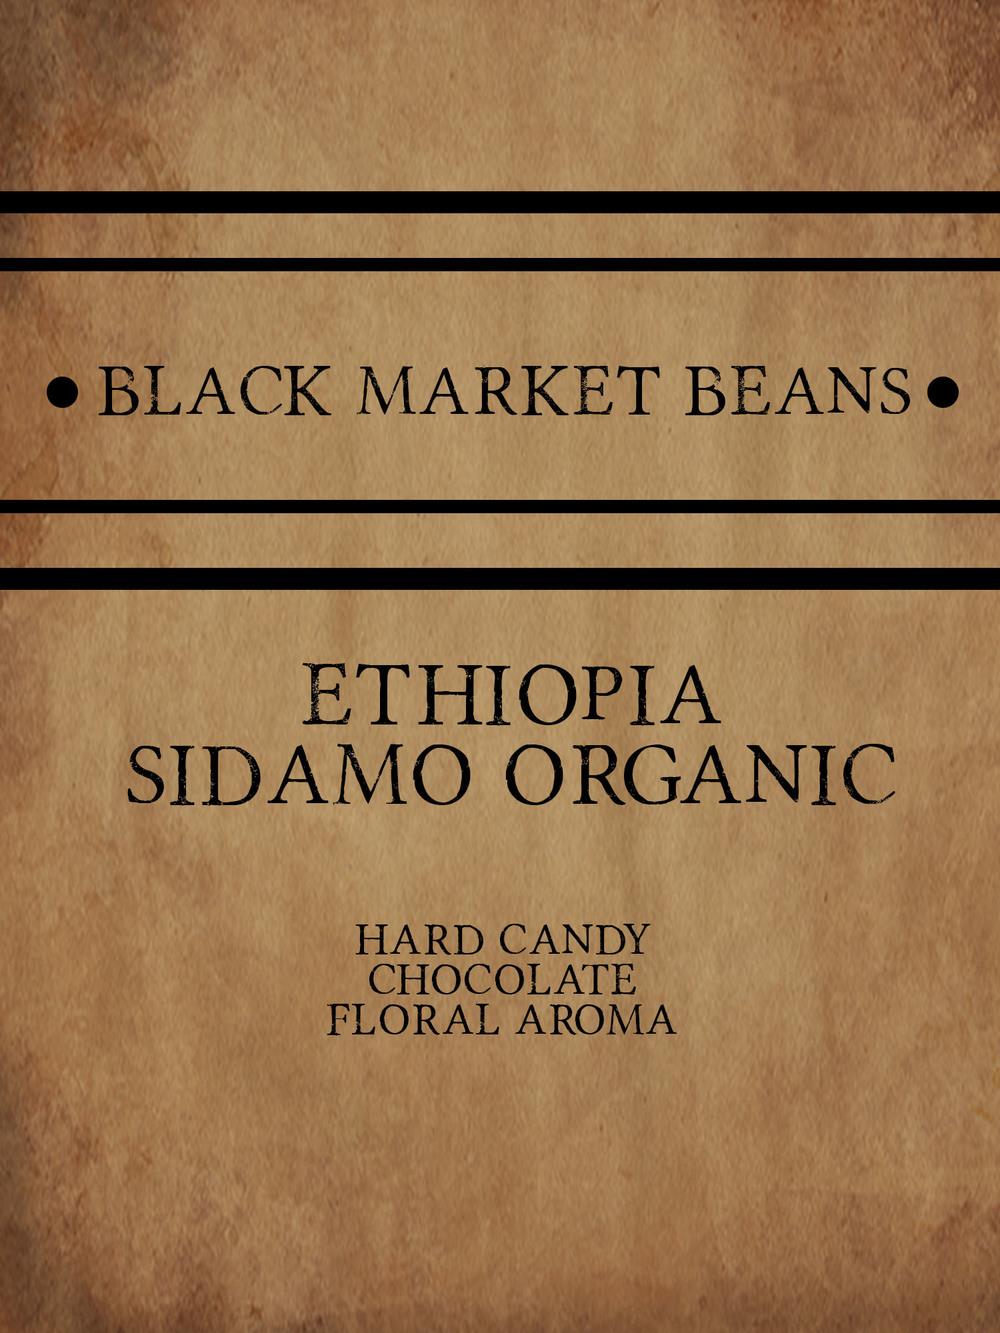 coffee_ethiopia_sidamo.jpg